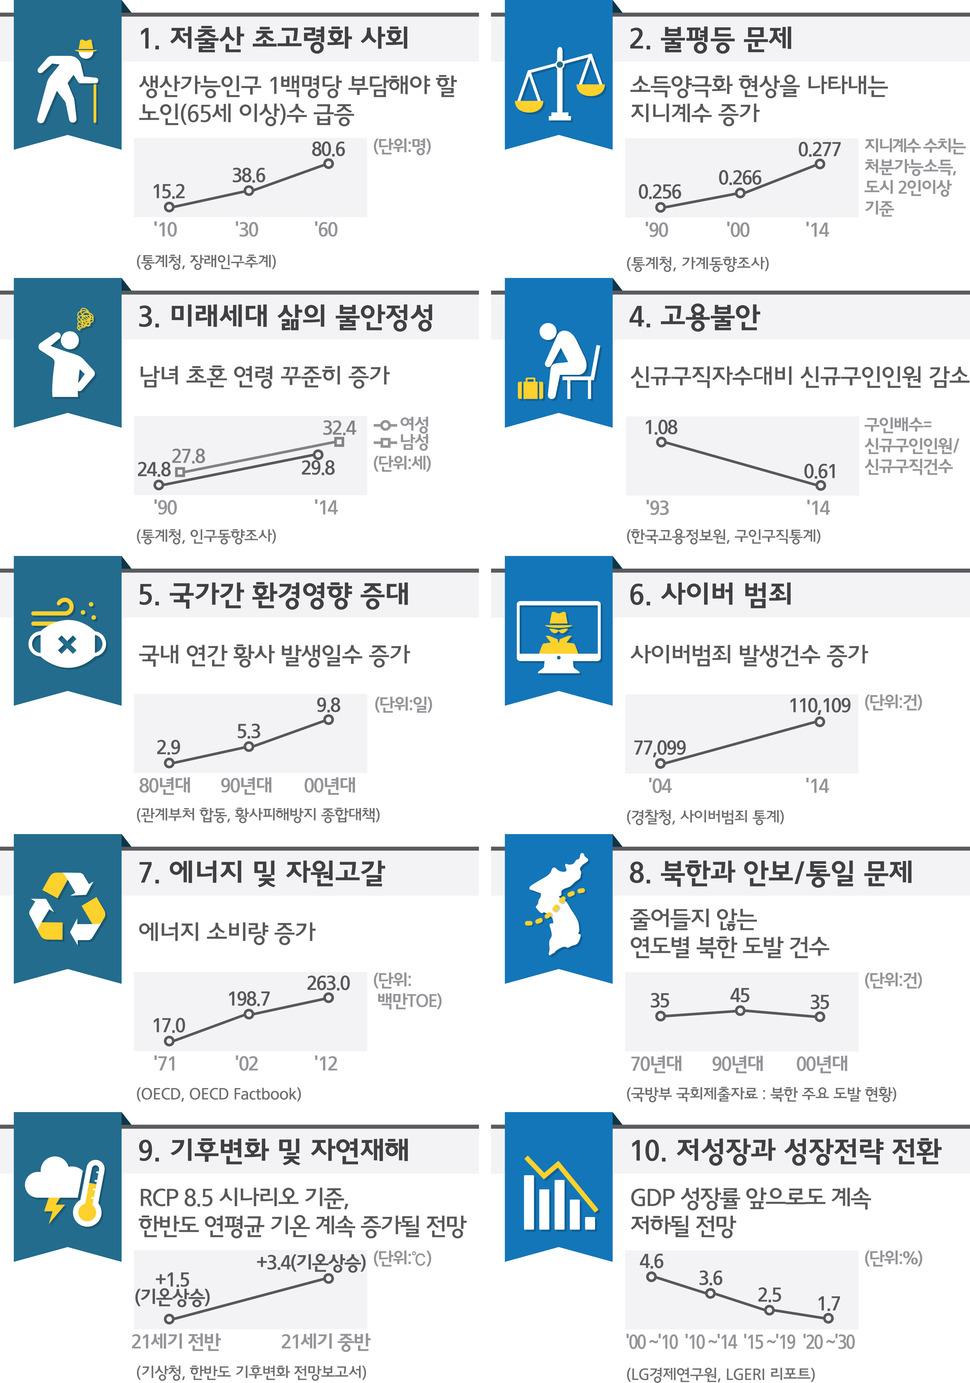 한국 사회의 10년후 10대 이슈. 미래부 제공